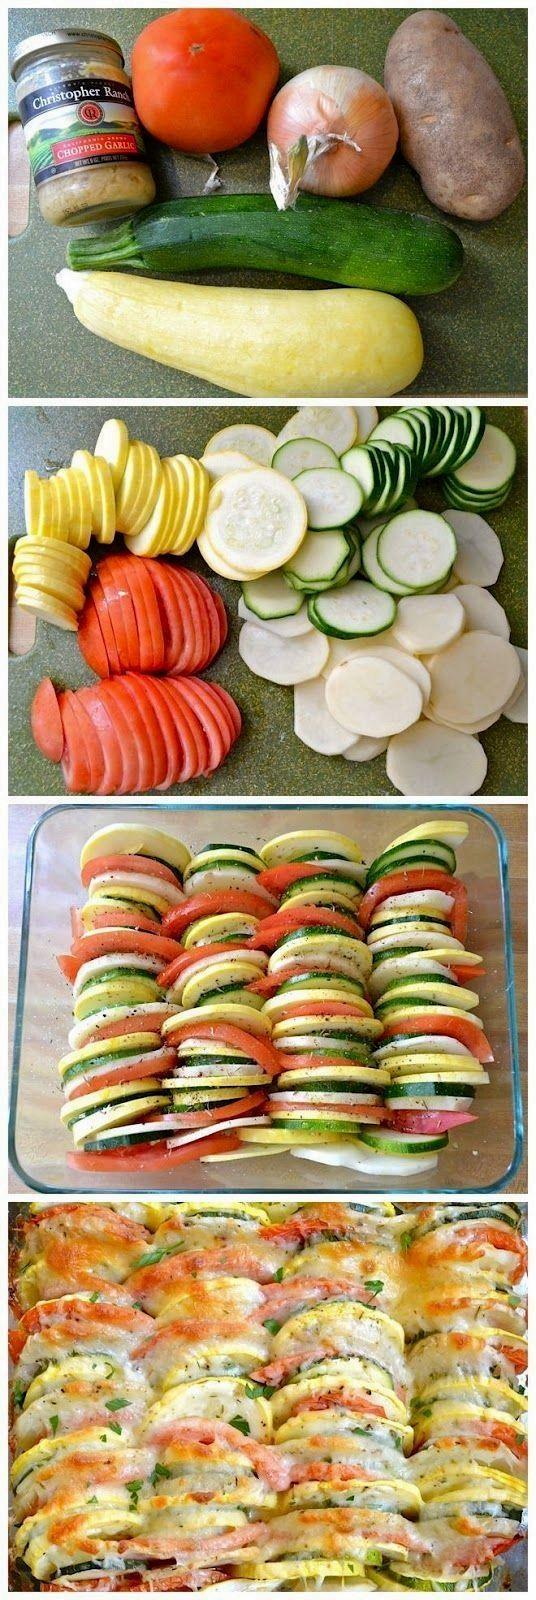 Papas, tomates, zapallo italiano , cebollas y queso parmesano... ñaaaam!